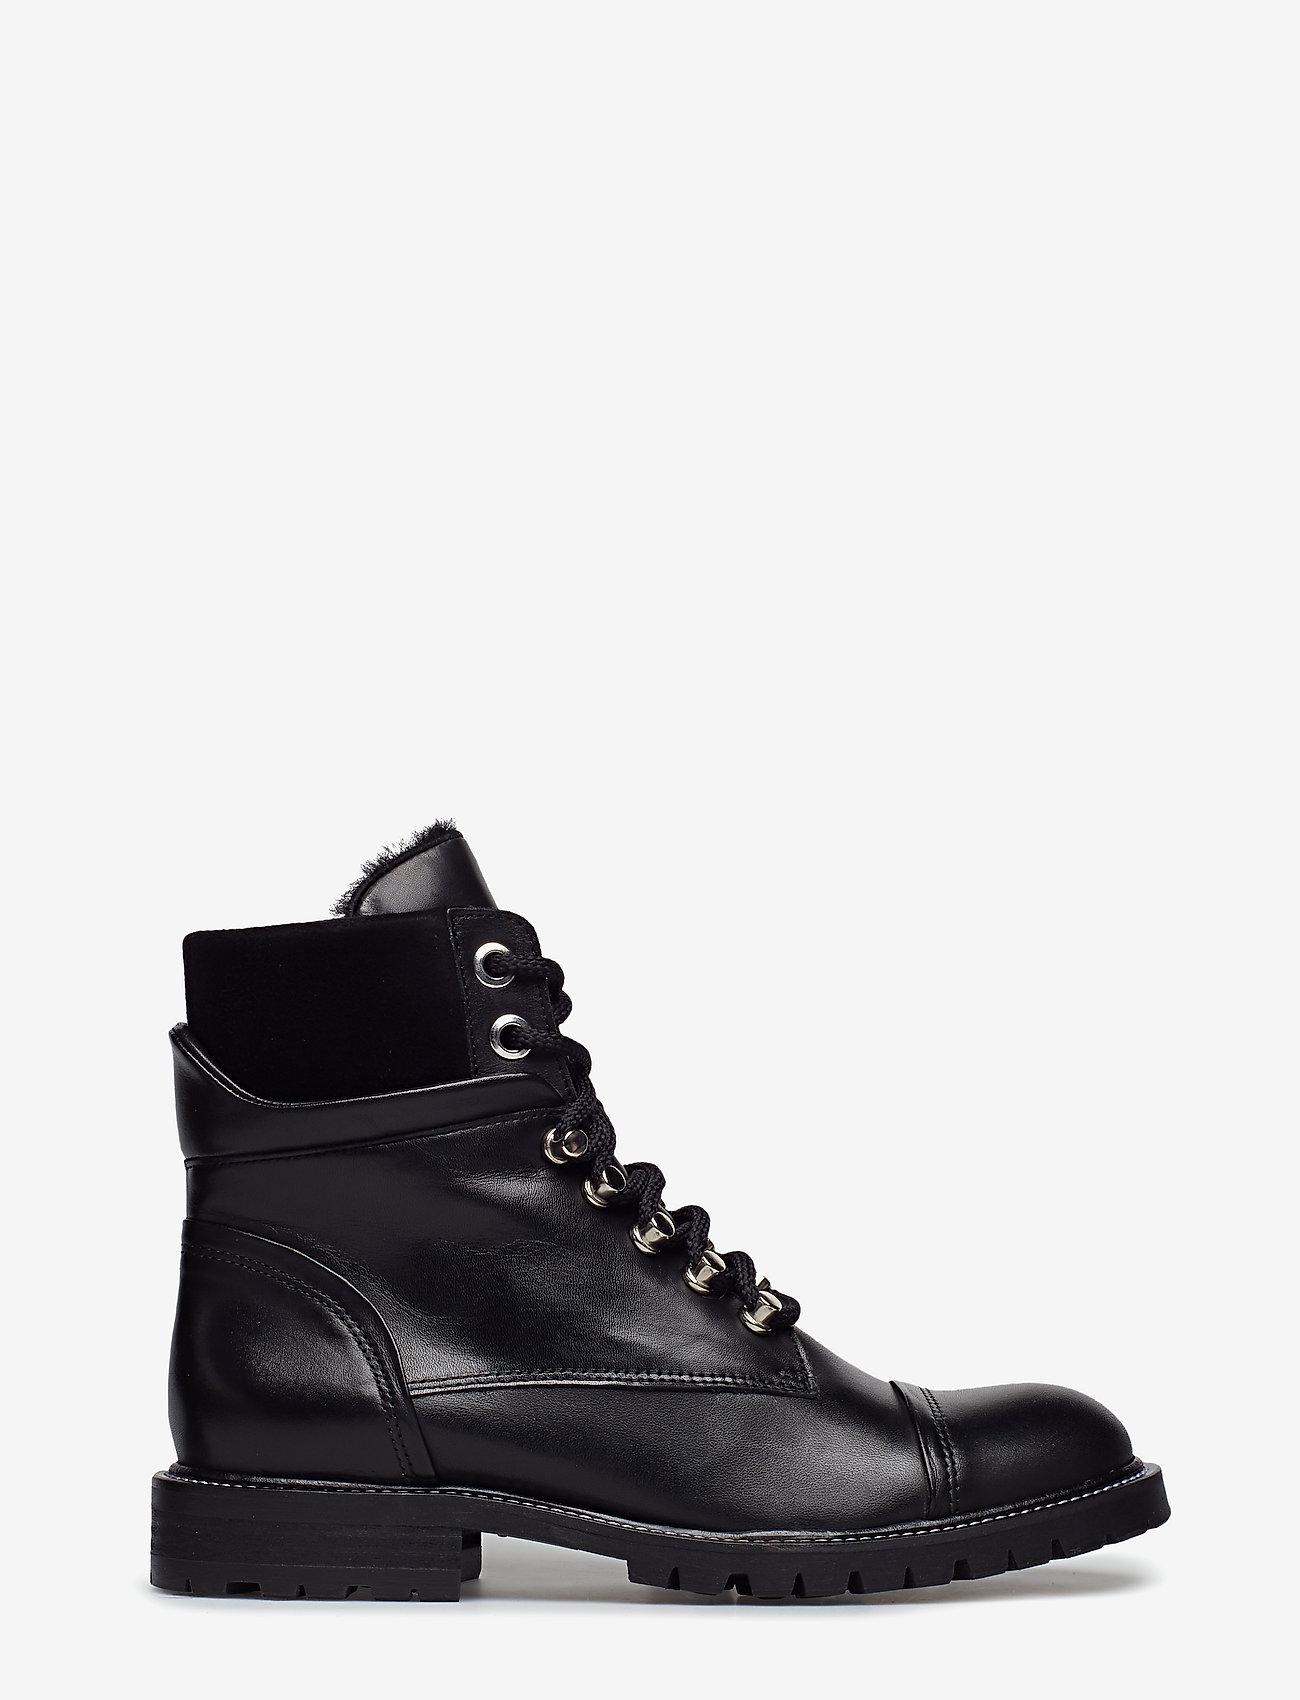 Billi Bi - Warm lining 7437 - flate ankelstøvletter - black calf/black suede 650 - 1